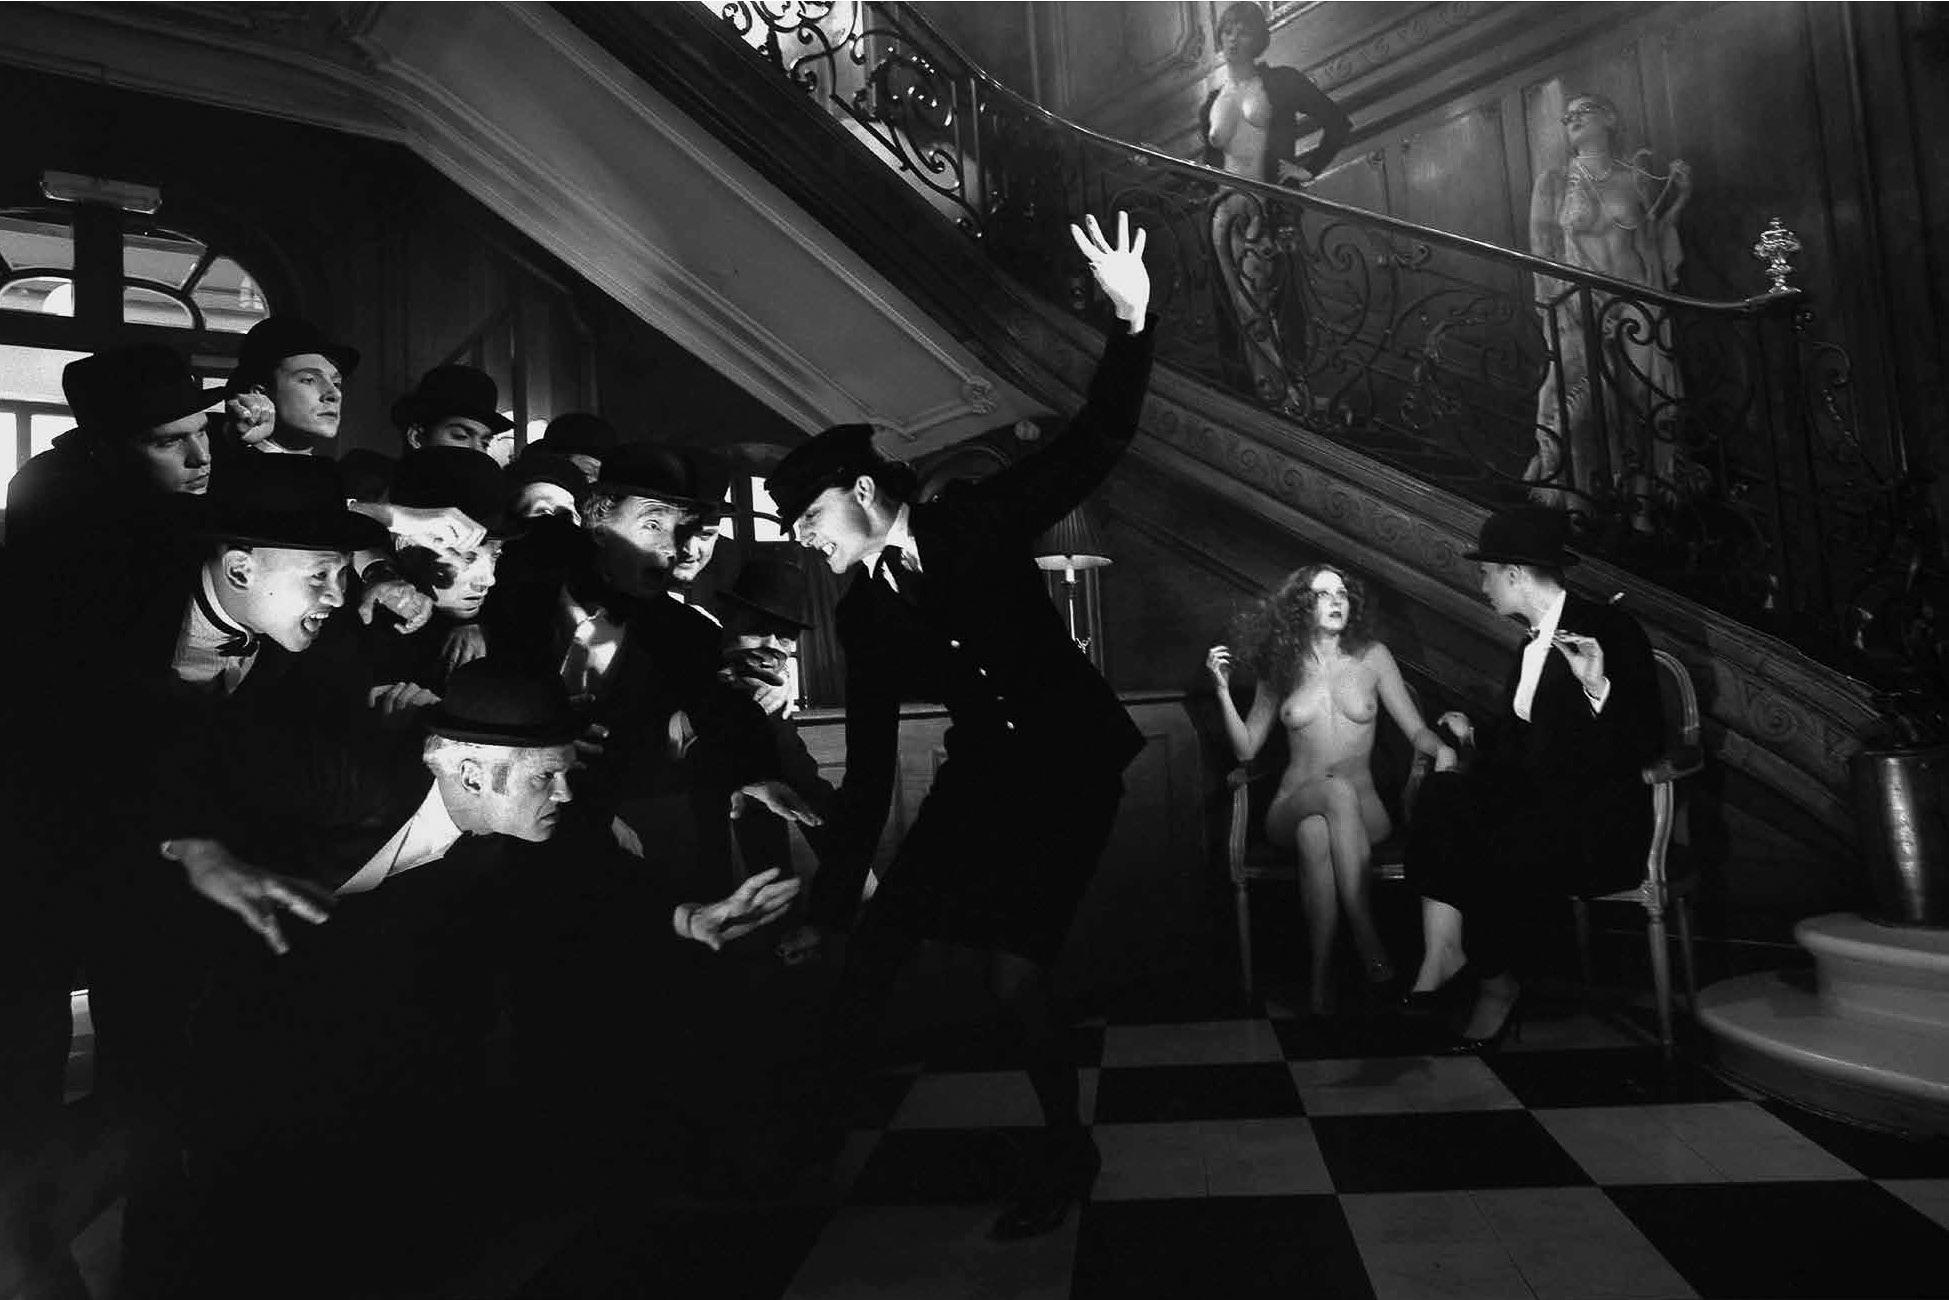 Ballo in maschera by Sanges (18).jpg